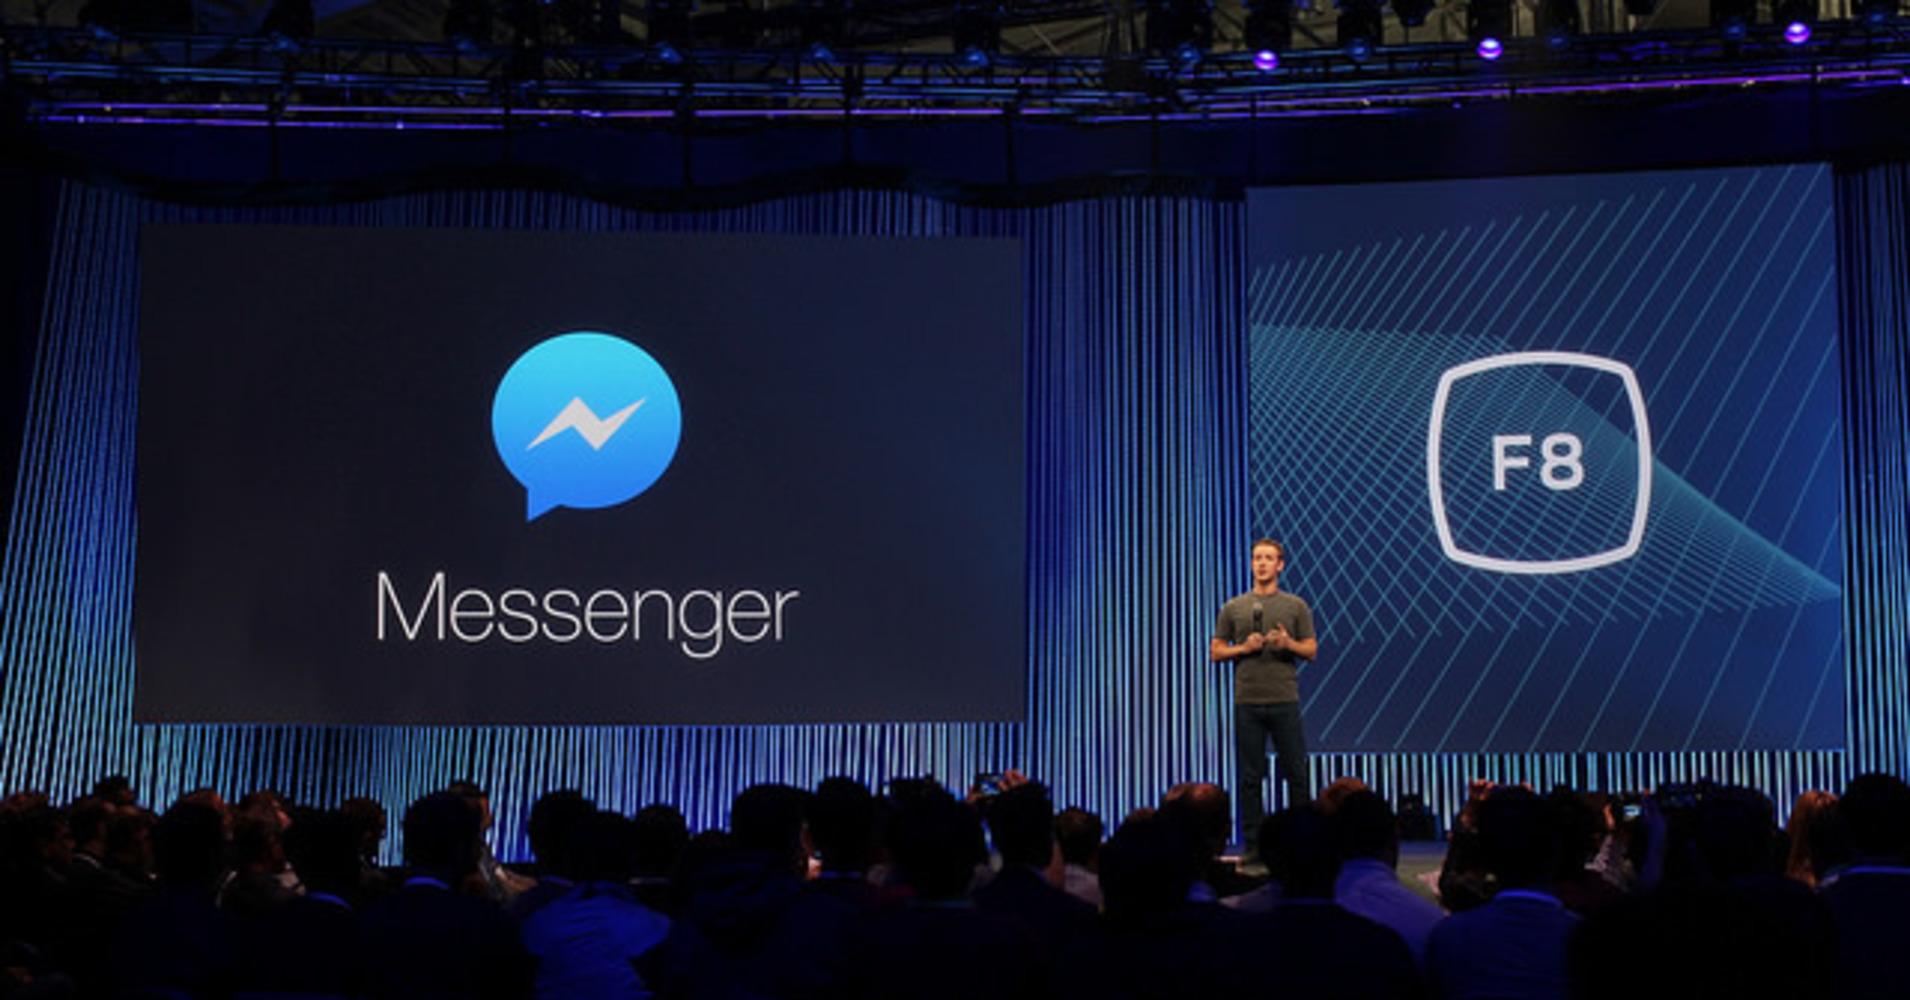 Na imagem, o fundador do Facebook, Mark Zuckerberg, fala sobre o Facebook Messenger em uma conferência.